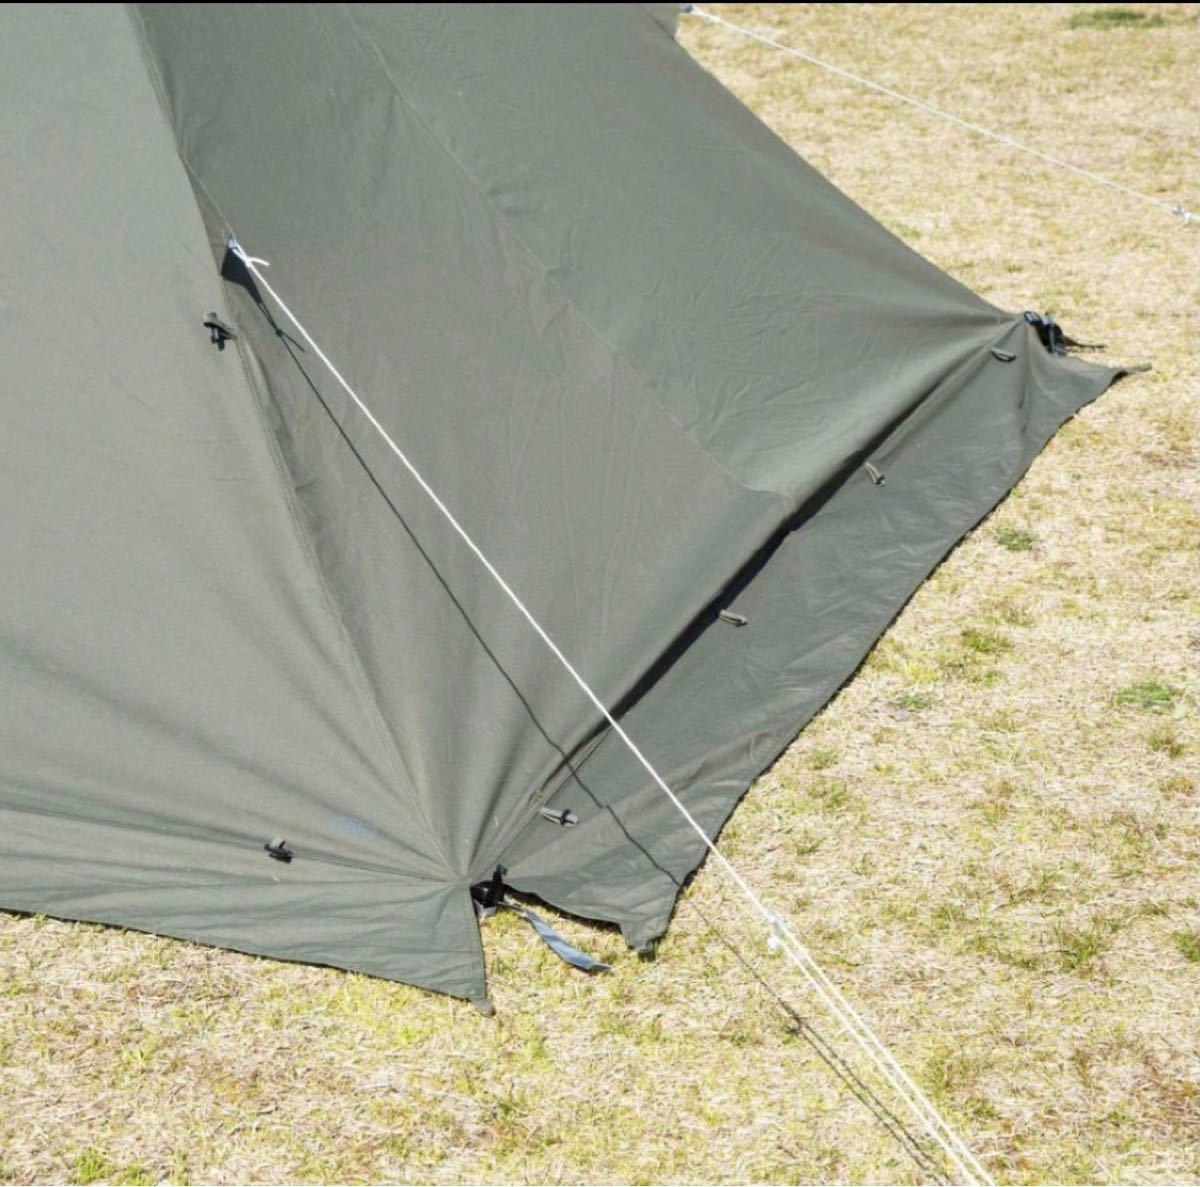 ソロティピー型 テント ワンポールテント アウトドア キャンプ バンドック